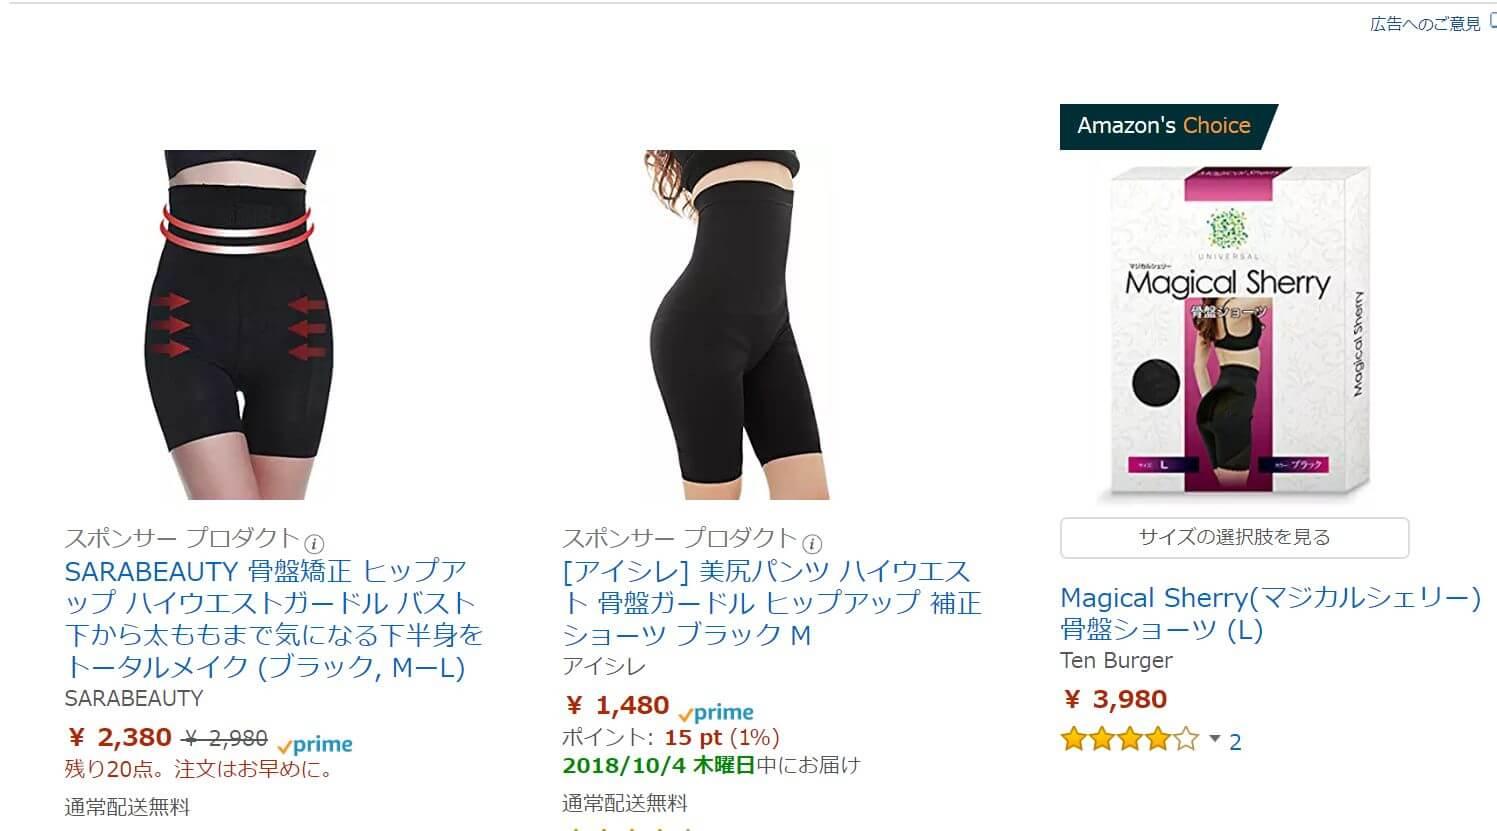 amazonの販売情報